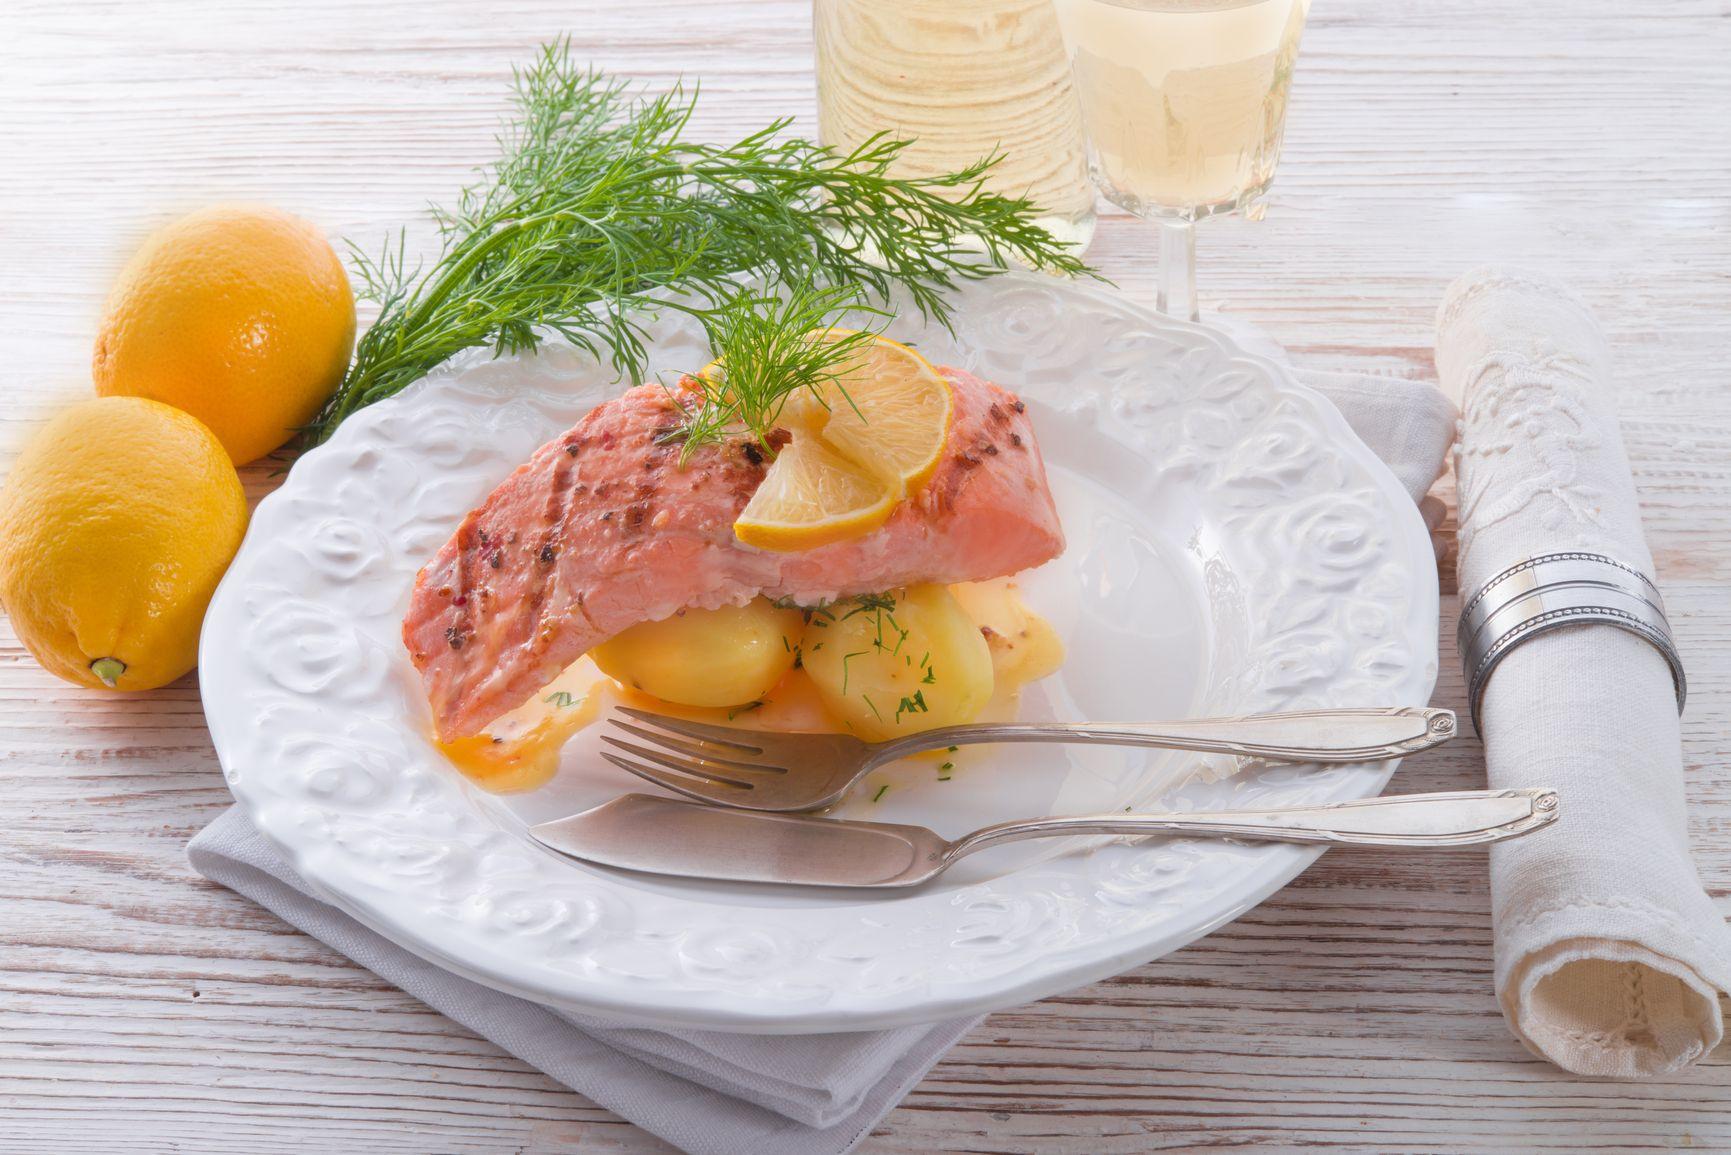 рецепты для мультиварки на пару с картофелем